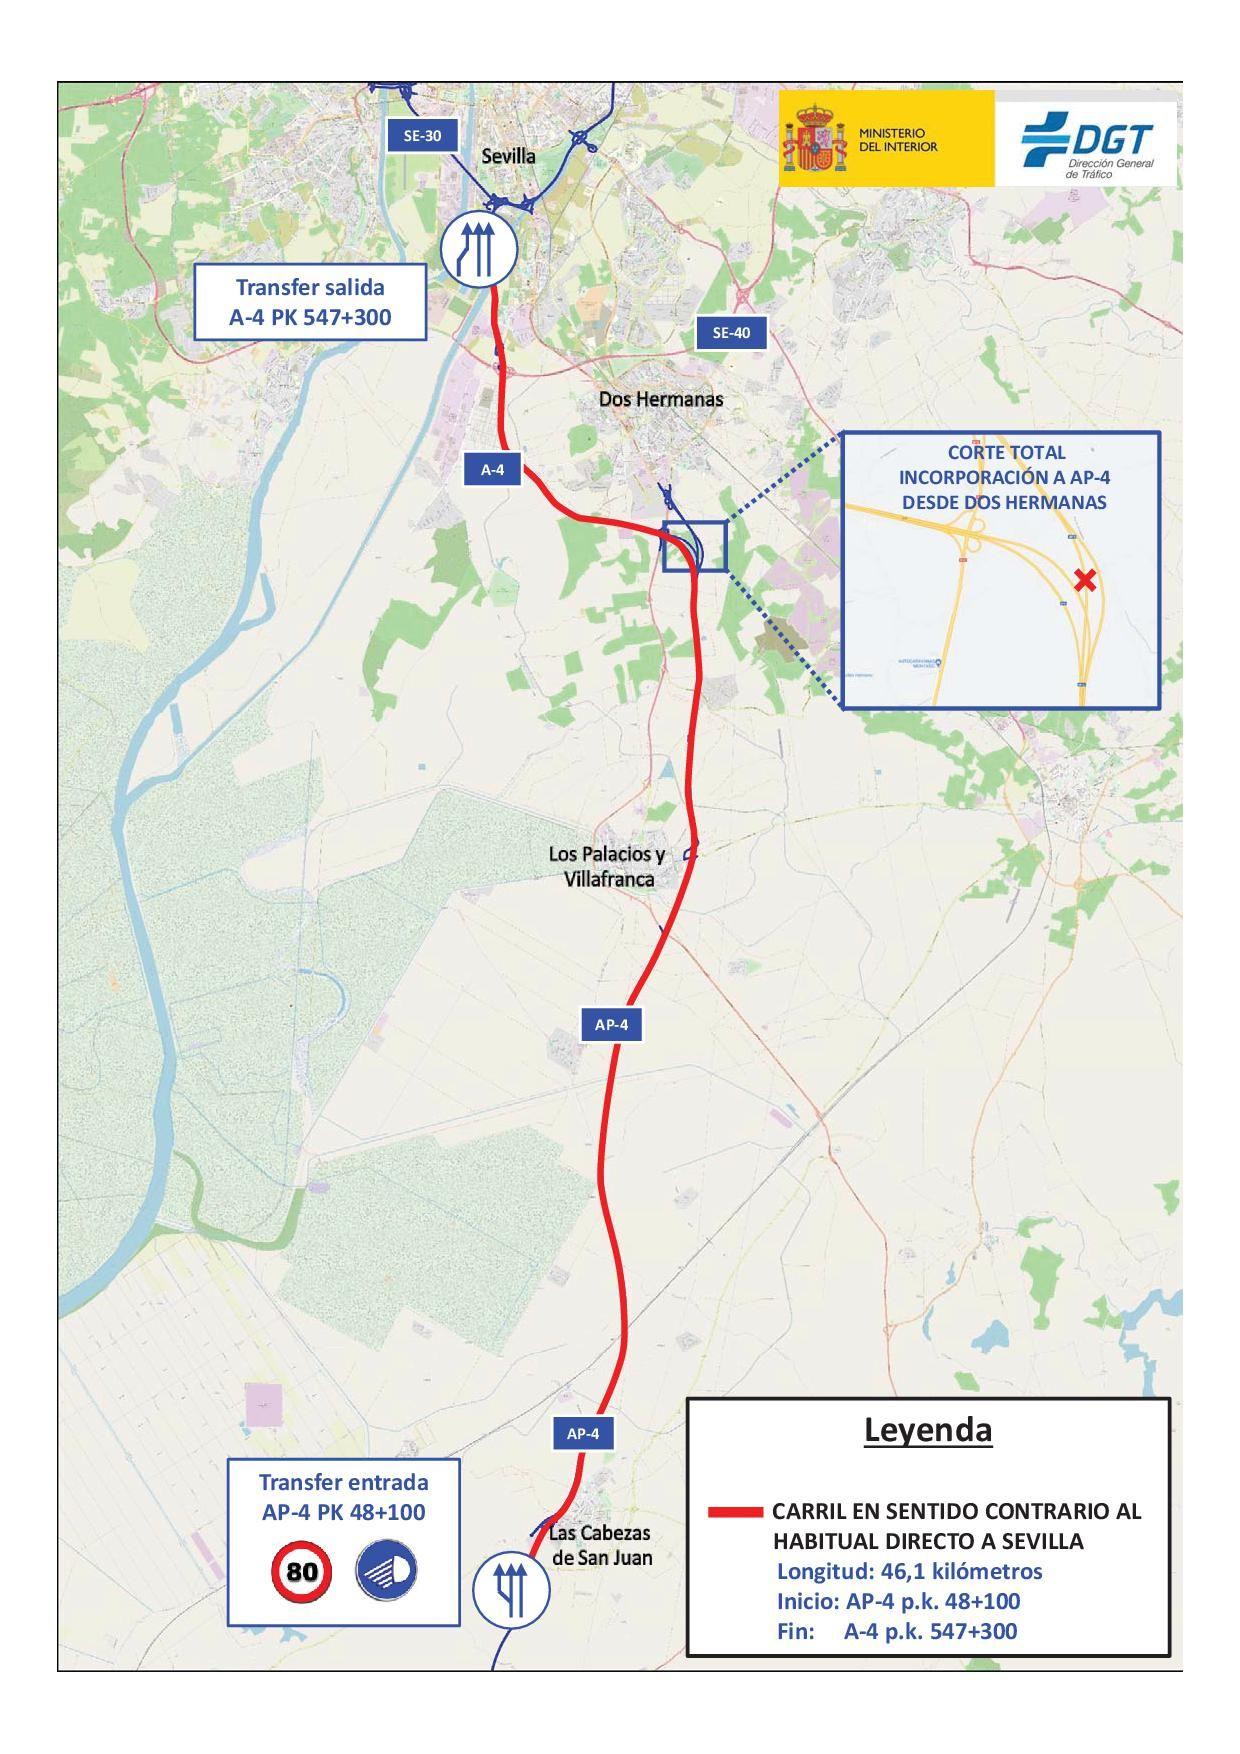 Tráfico instalará nuevamente el domingo el tercer carril en la AP-4 y A-4, en sentido Sevilla